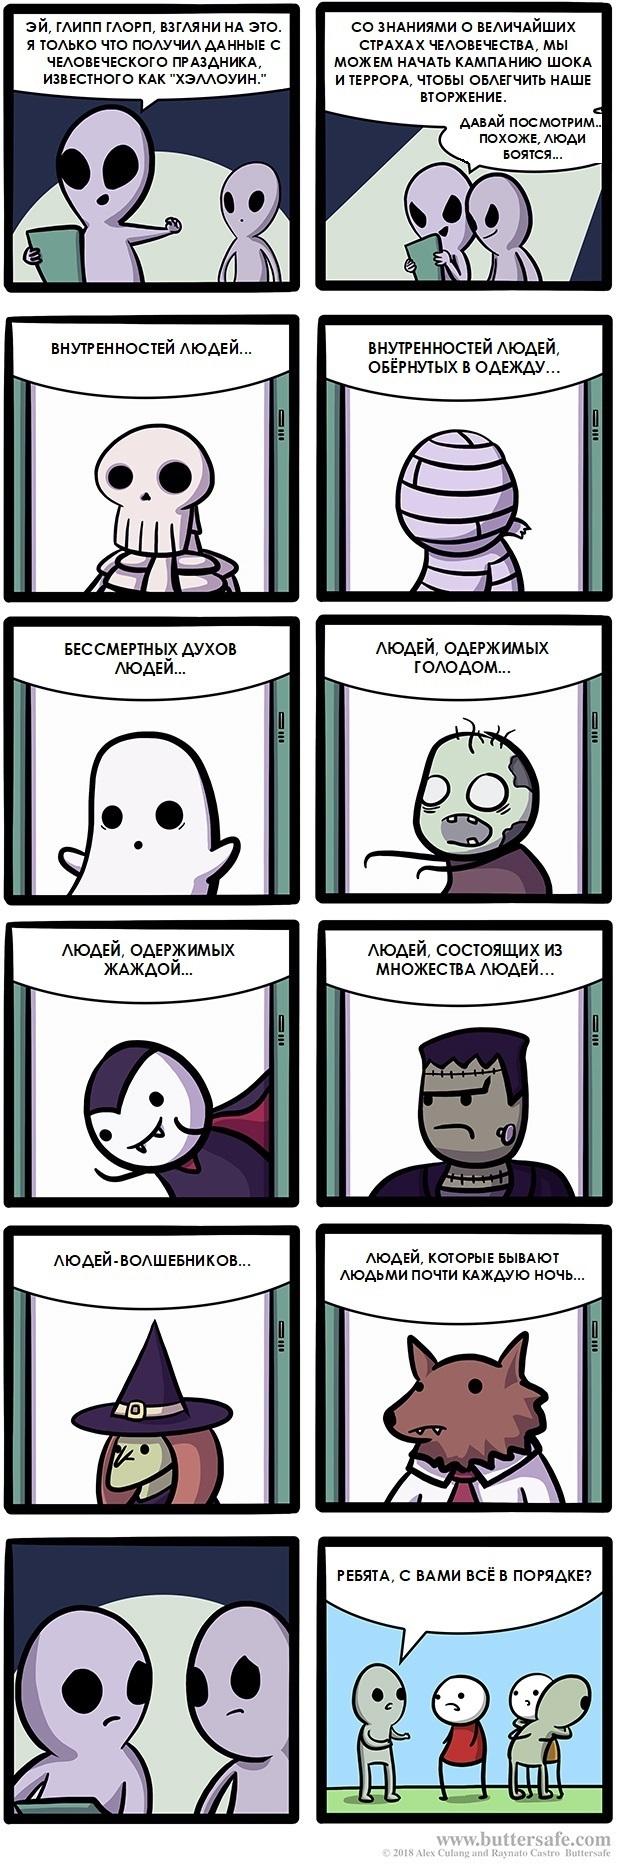 Страхи человечества Buttersafe, Комиксы, Хэллоуин, Длиннопост